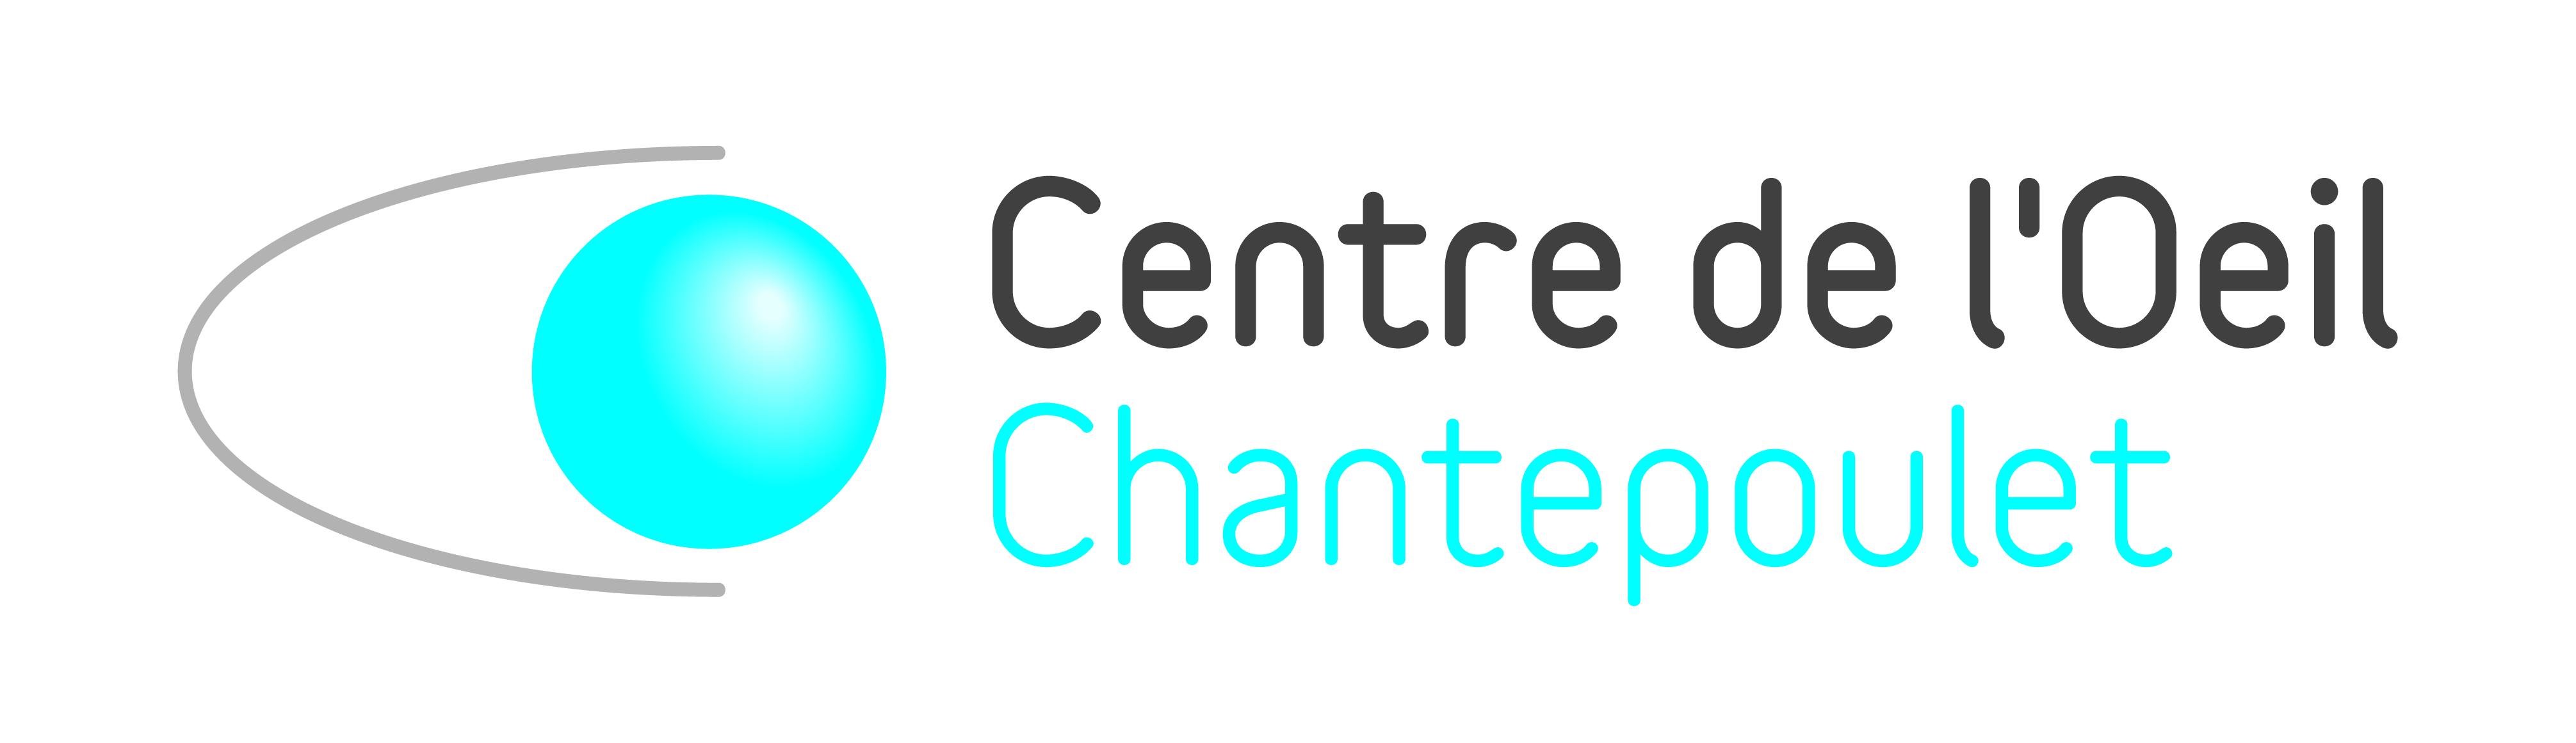 Centre de l'Oeil Chantepoulet